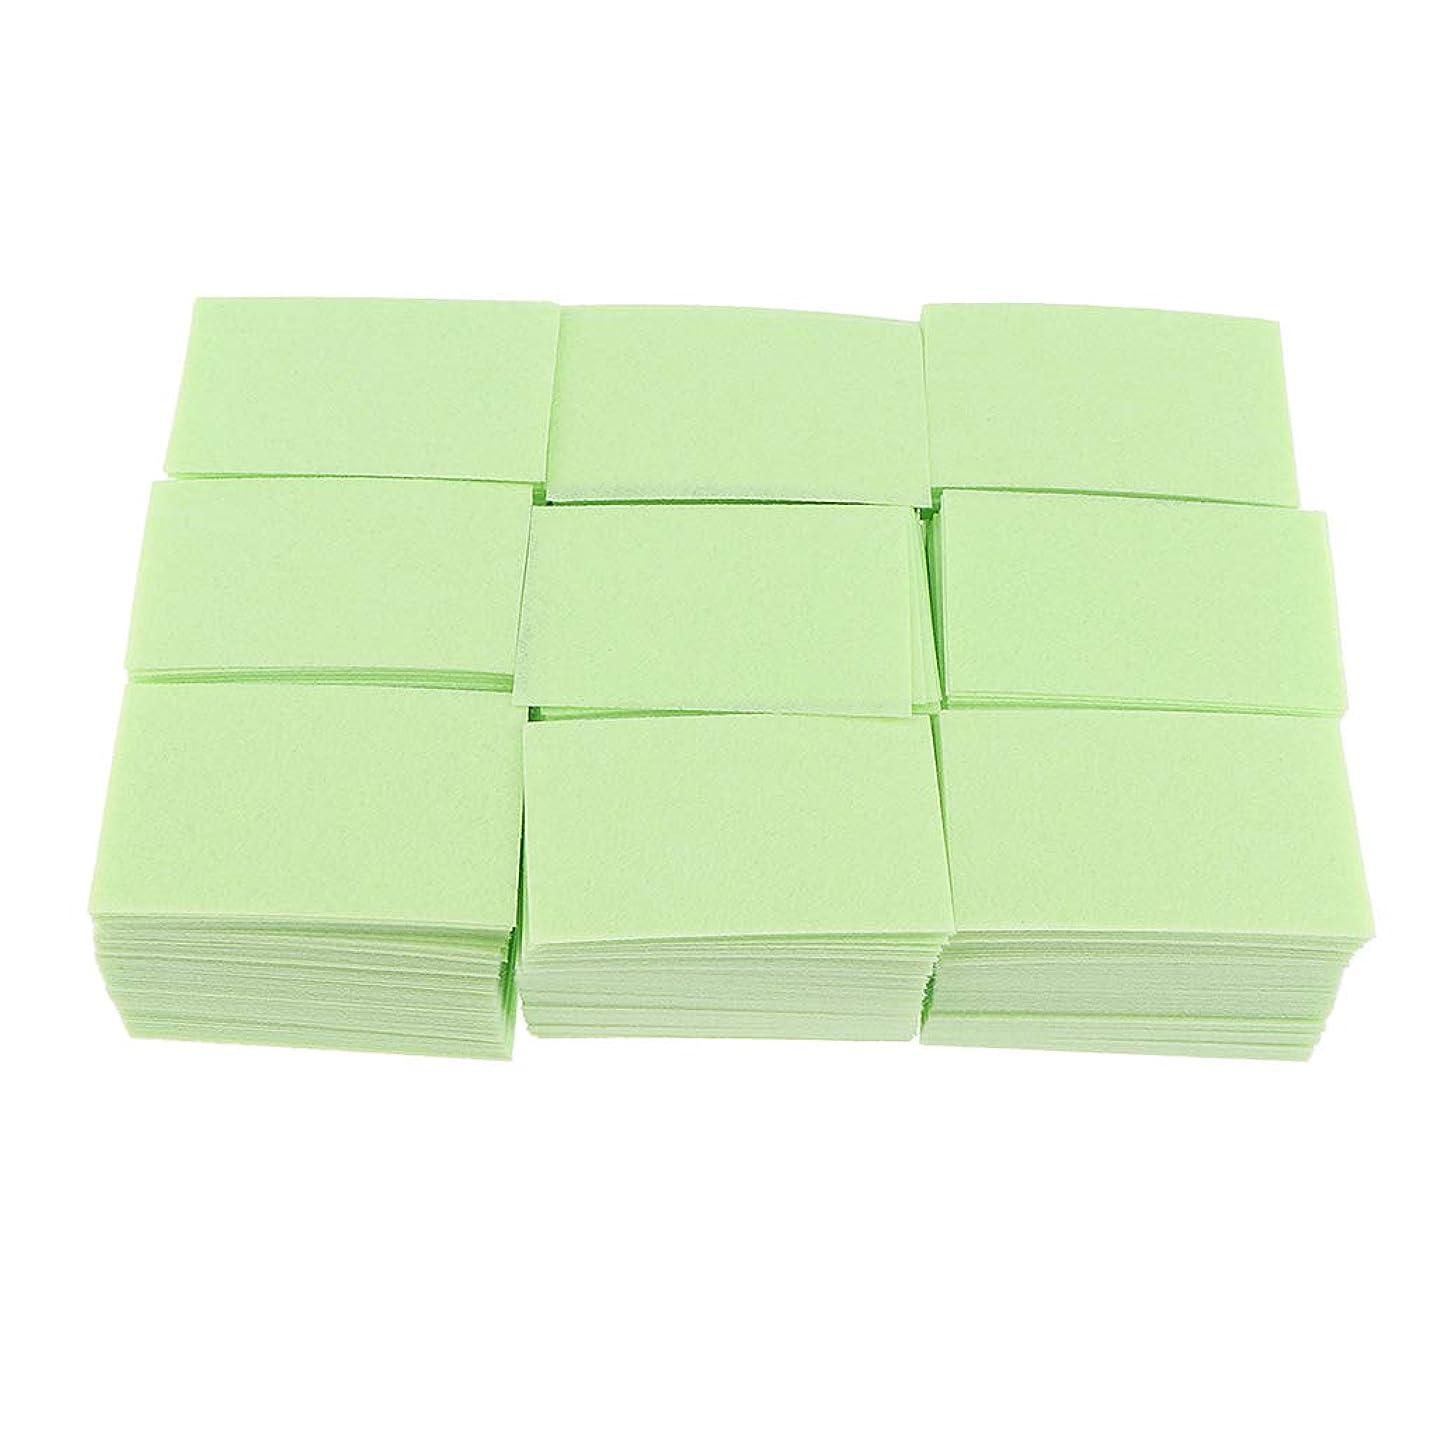 本能いつかプレフィックスP Prettyia 約700枚 ネイルポリッシュリムーバー 綿パッド 2色選べ - 緑